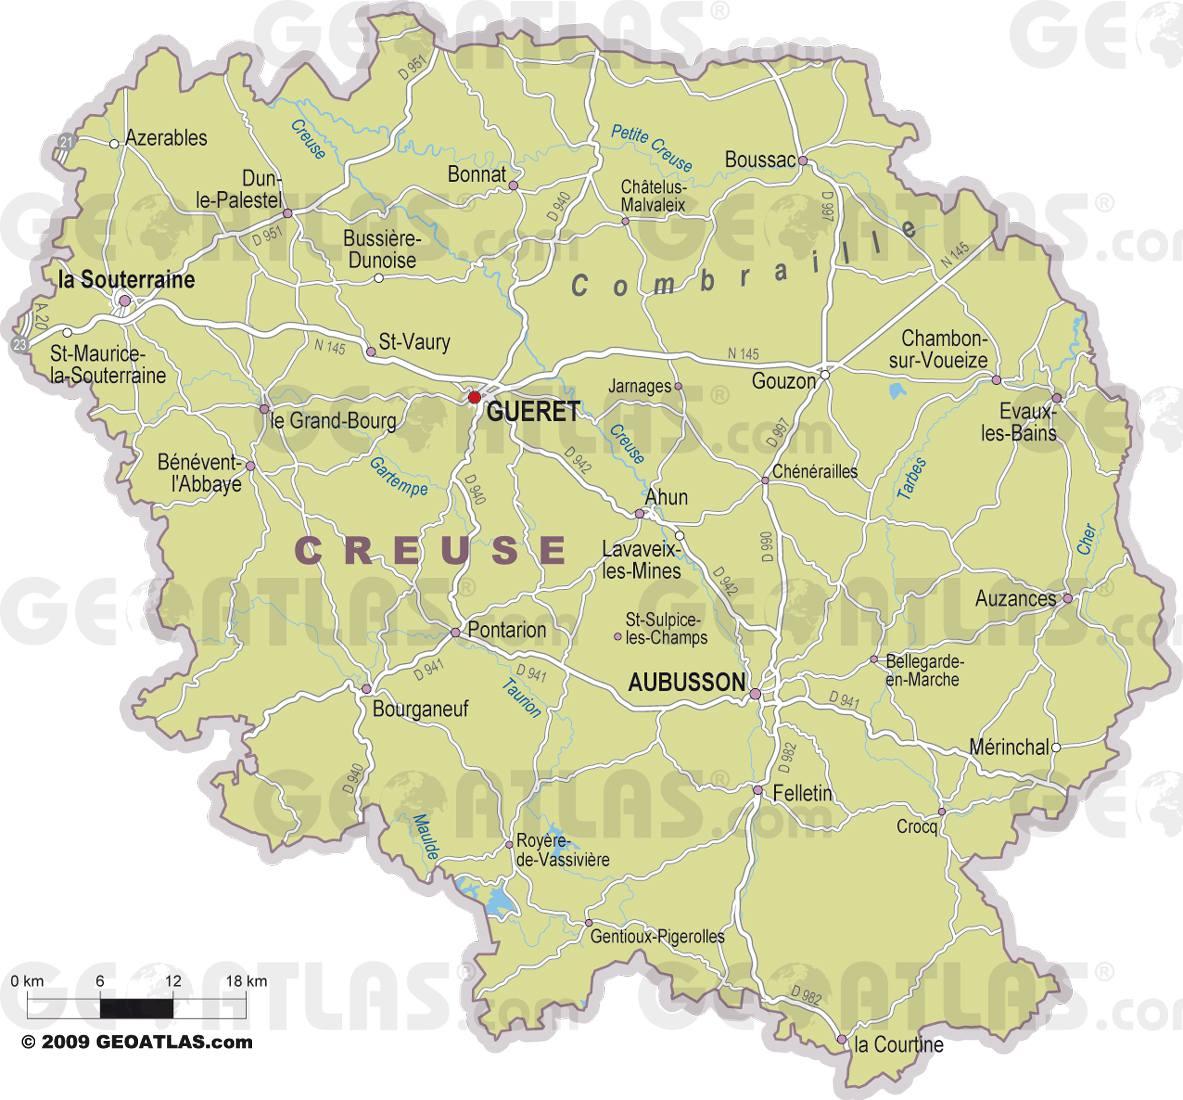 Carte des villes de la Creuse